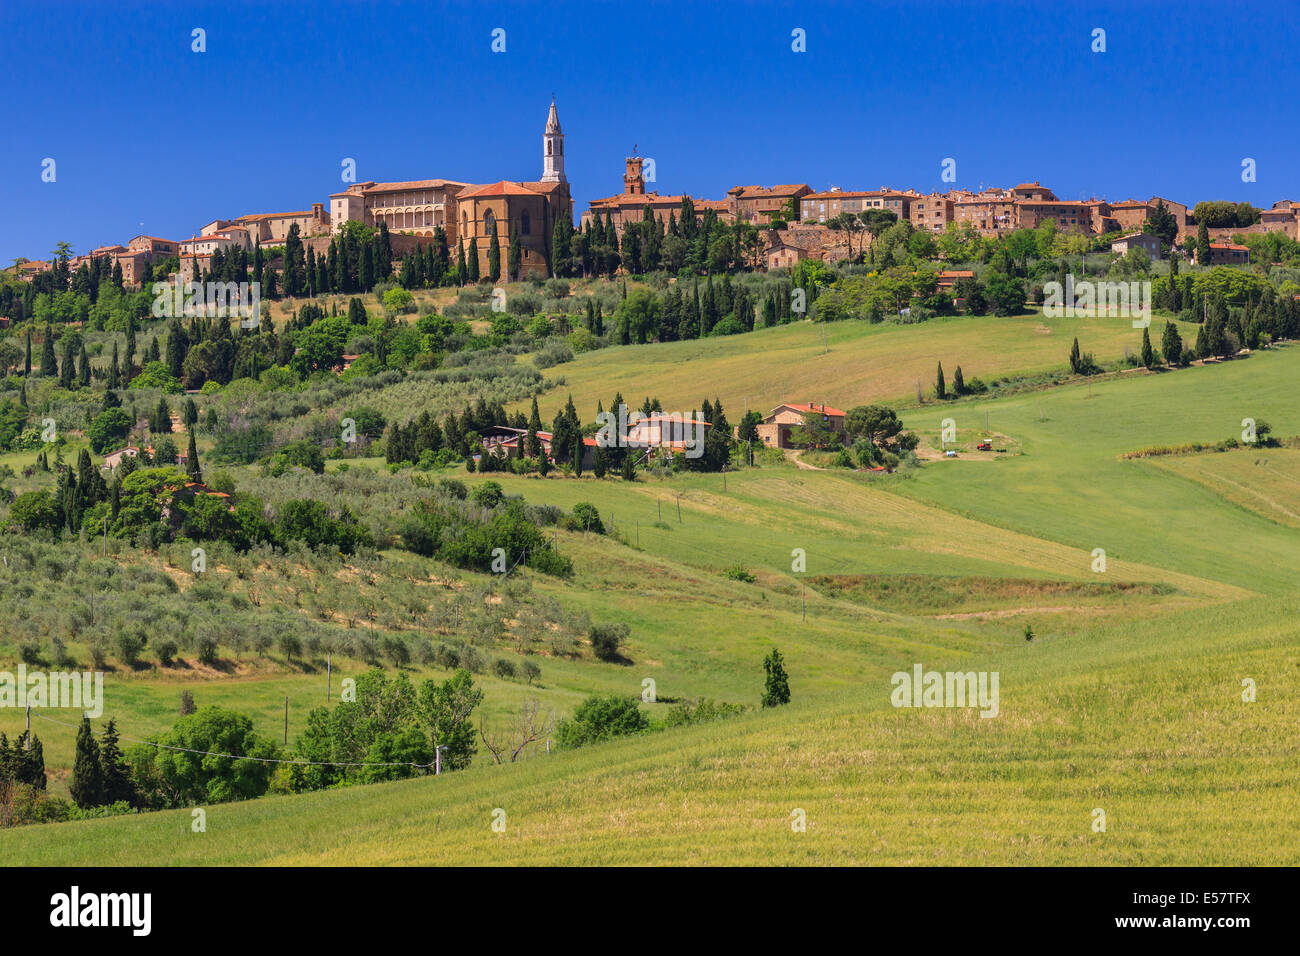 Vue sur Pienza, une commune italienne de la province de Sienne, dans le Val d'Orcia en Toscane (Italie centrale), Photo Stock